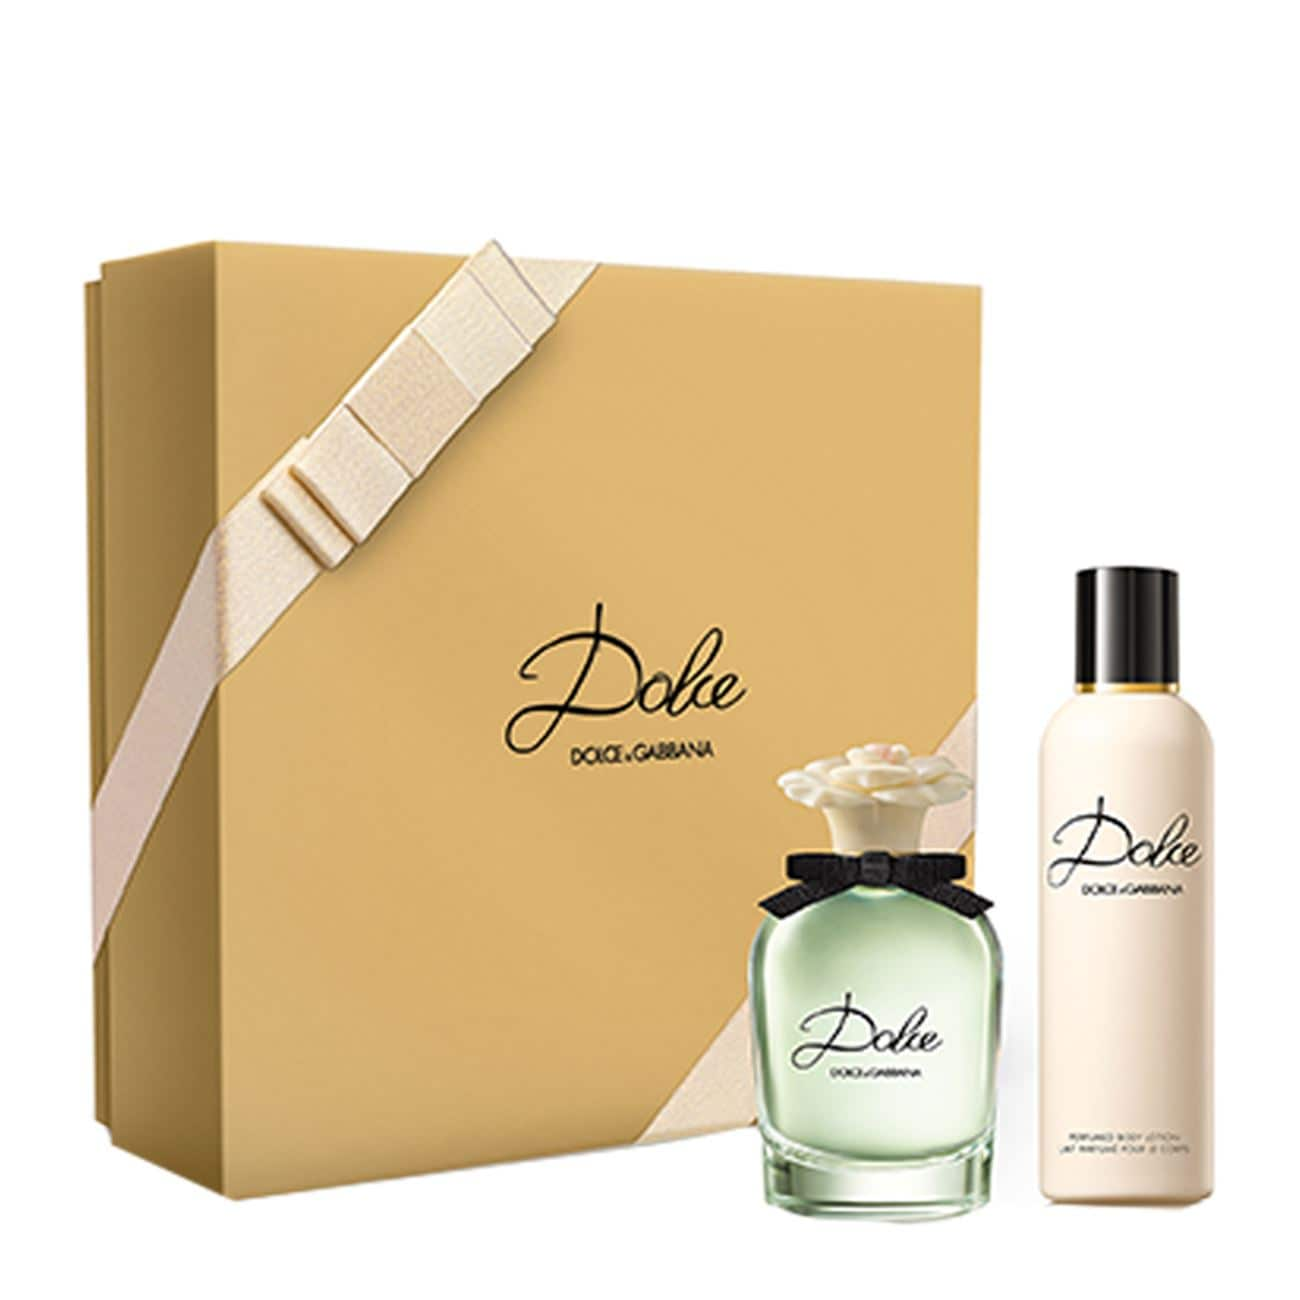 DOLCE & GABBANA Dolce Duo Set Eau De Parfum